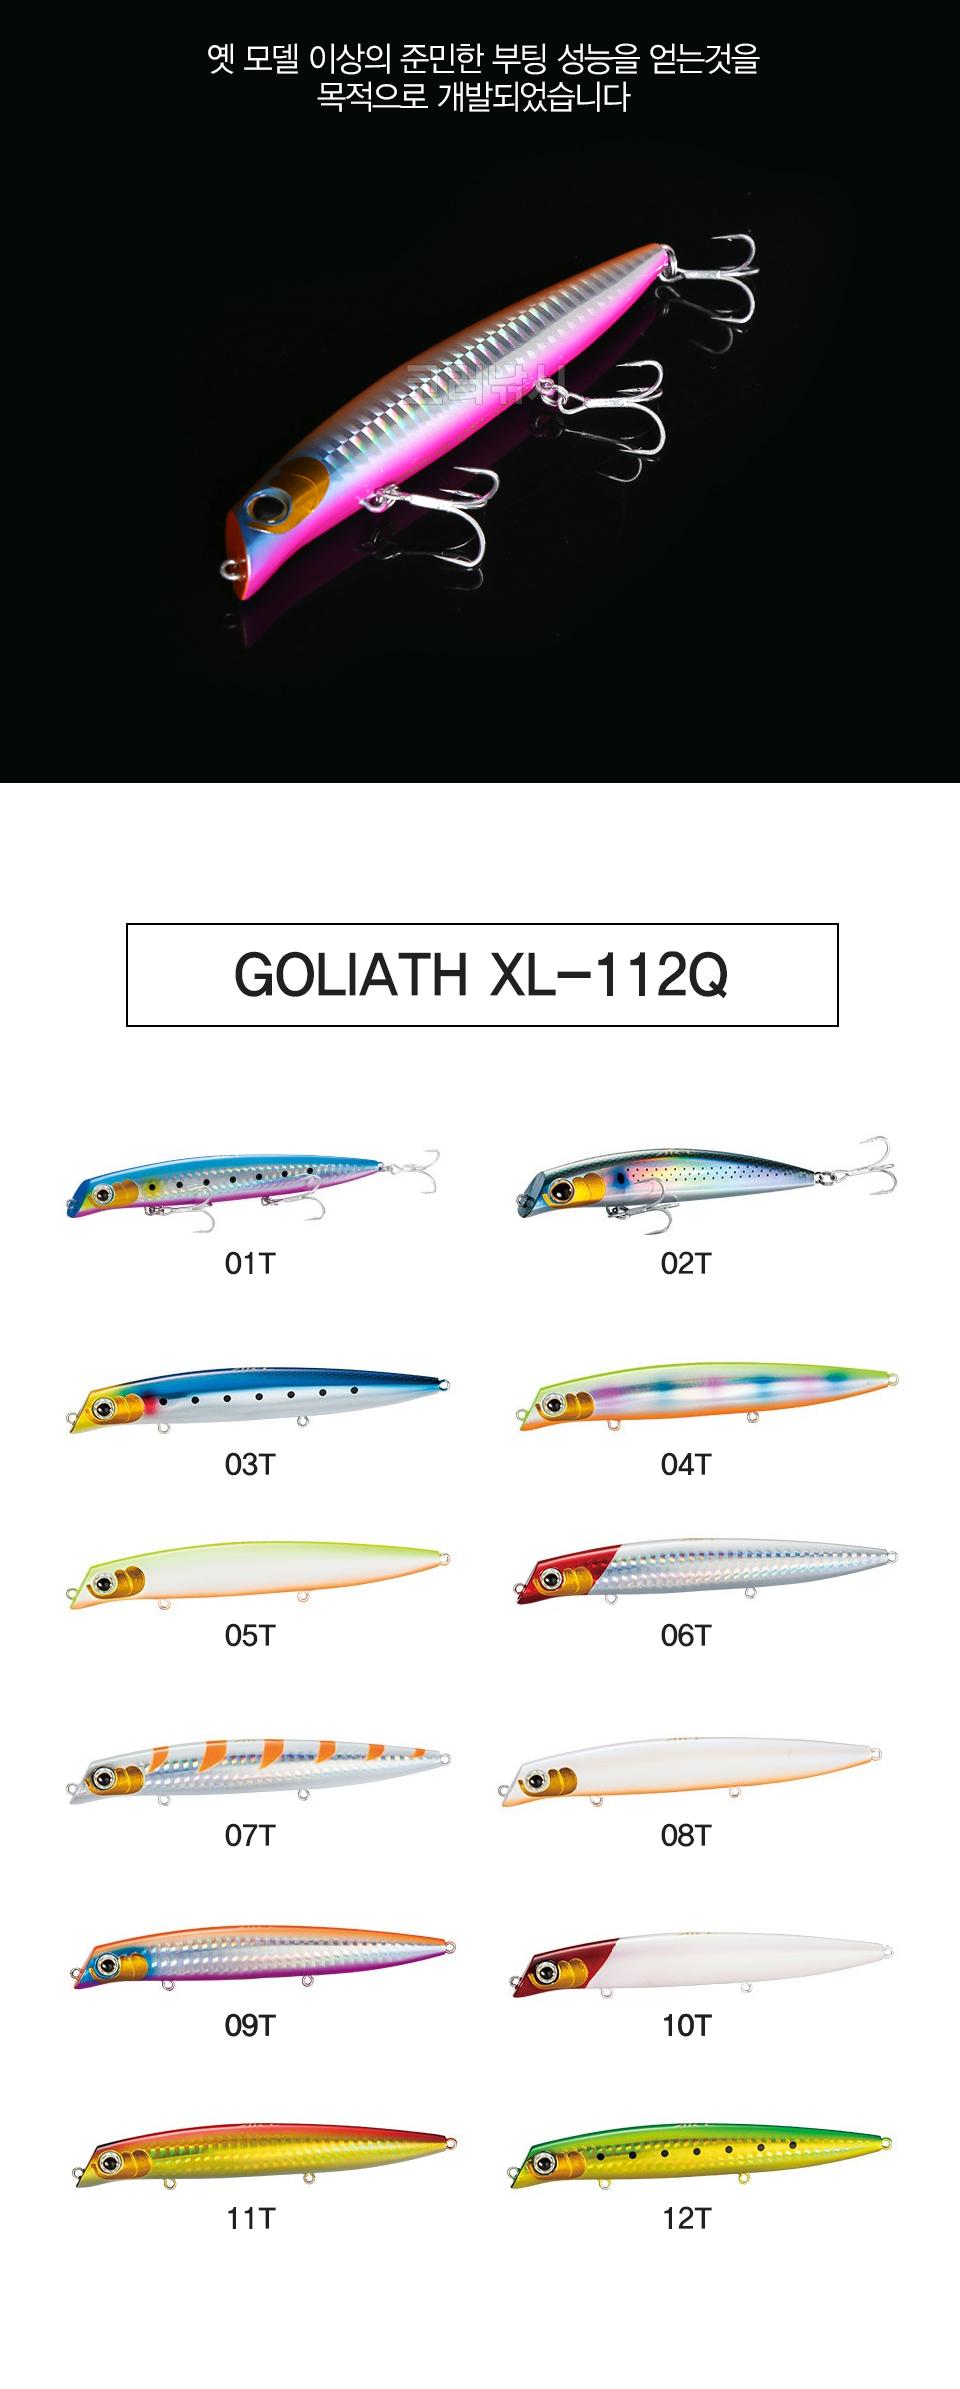 시마노 엑센스 골리아스-HI (Goliath XL-112Q) (농어미노우) 농어용미노우 플로팅미노우 잠행수심20~50cm